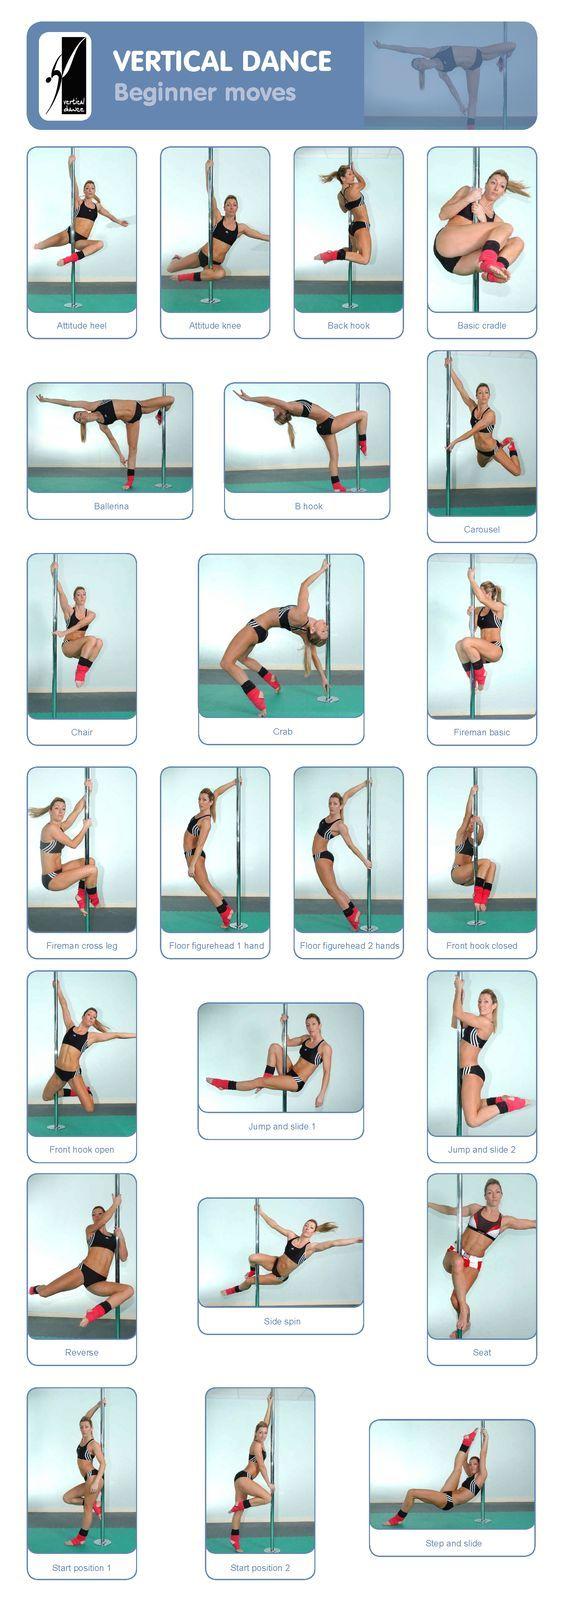 Pole Dance Training - Beginner moves: